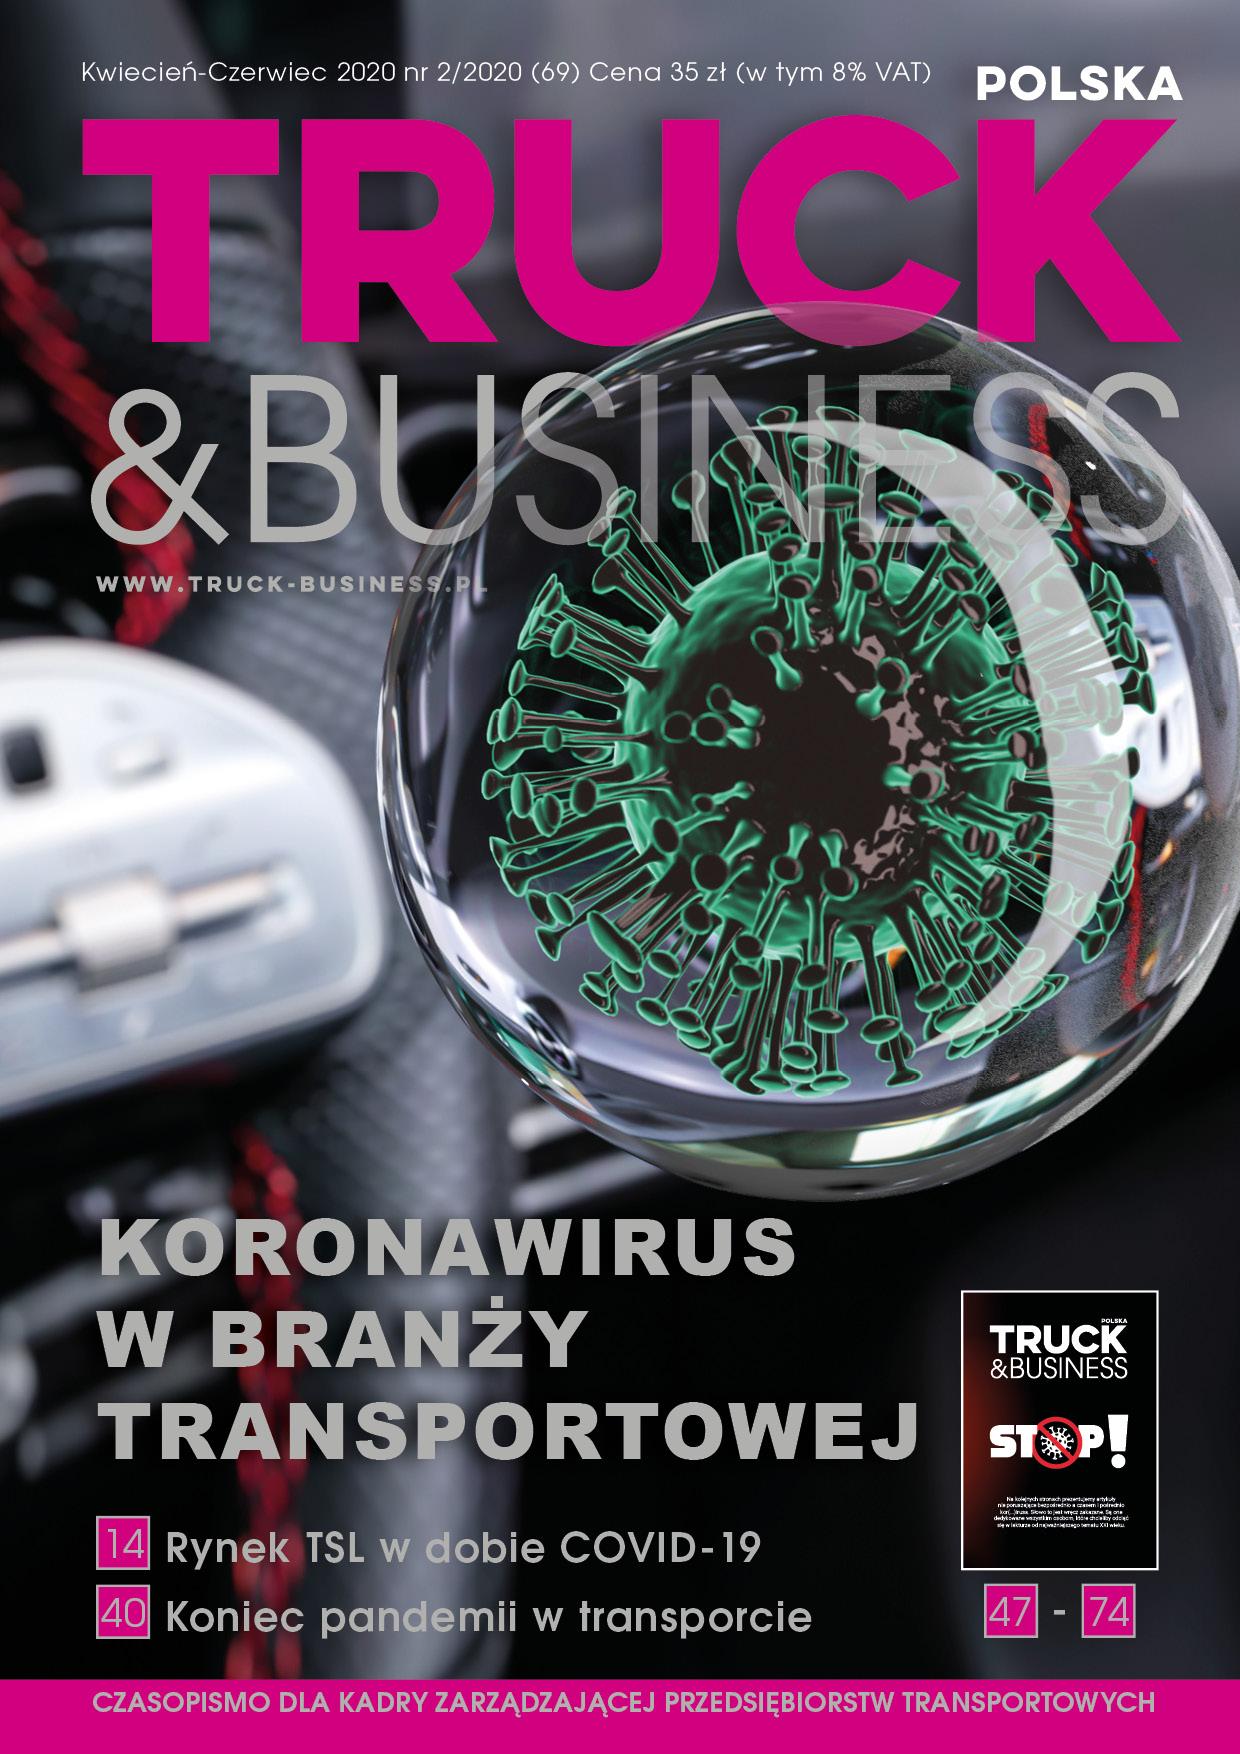 Koronawirus w branży transportowej